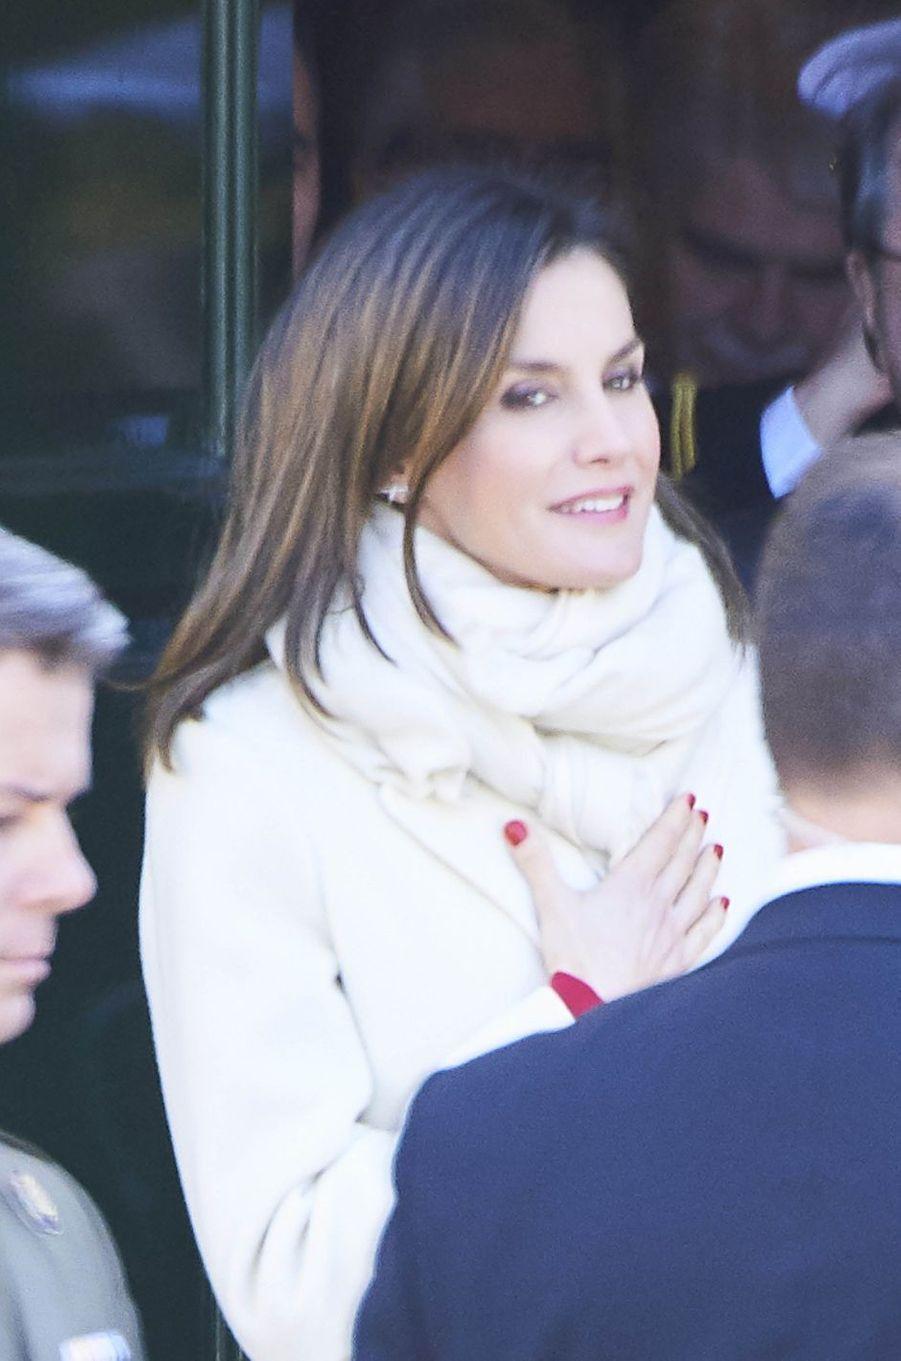 La reine Letizia d'Espagne à Valladolid, le 22 mars 2018